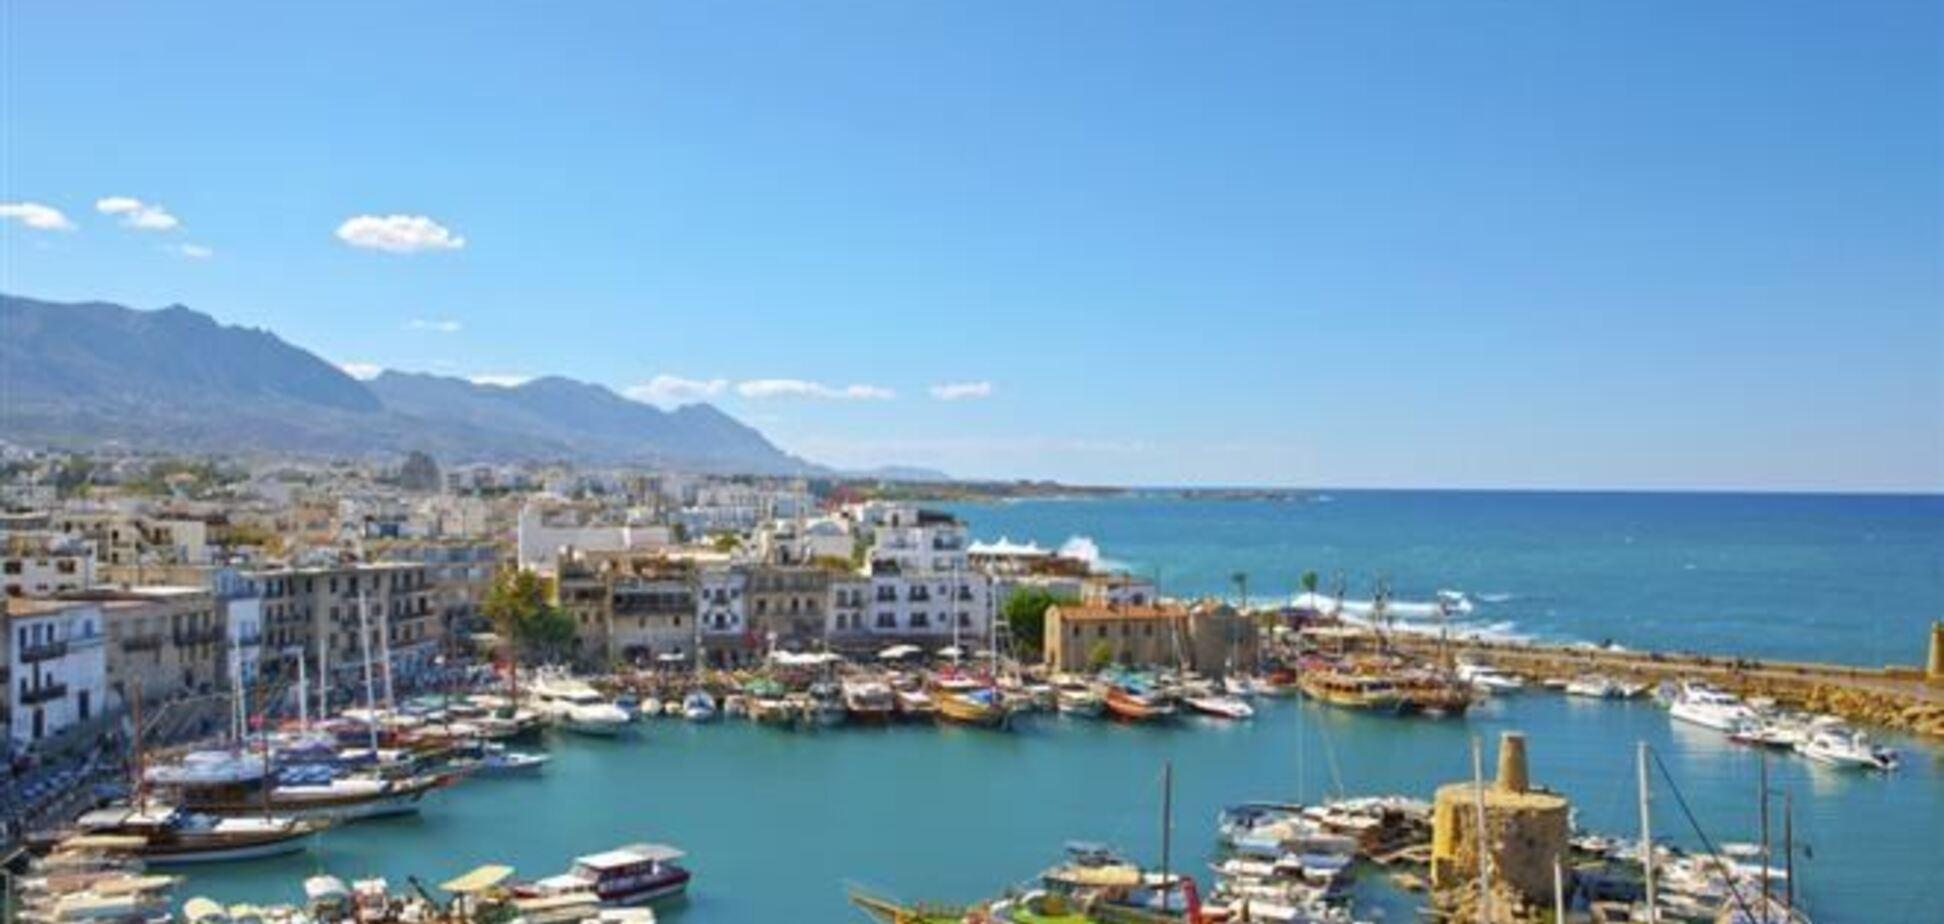 На Кипре увеличились дополнительные расходы на покупку недвижимости